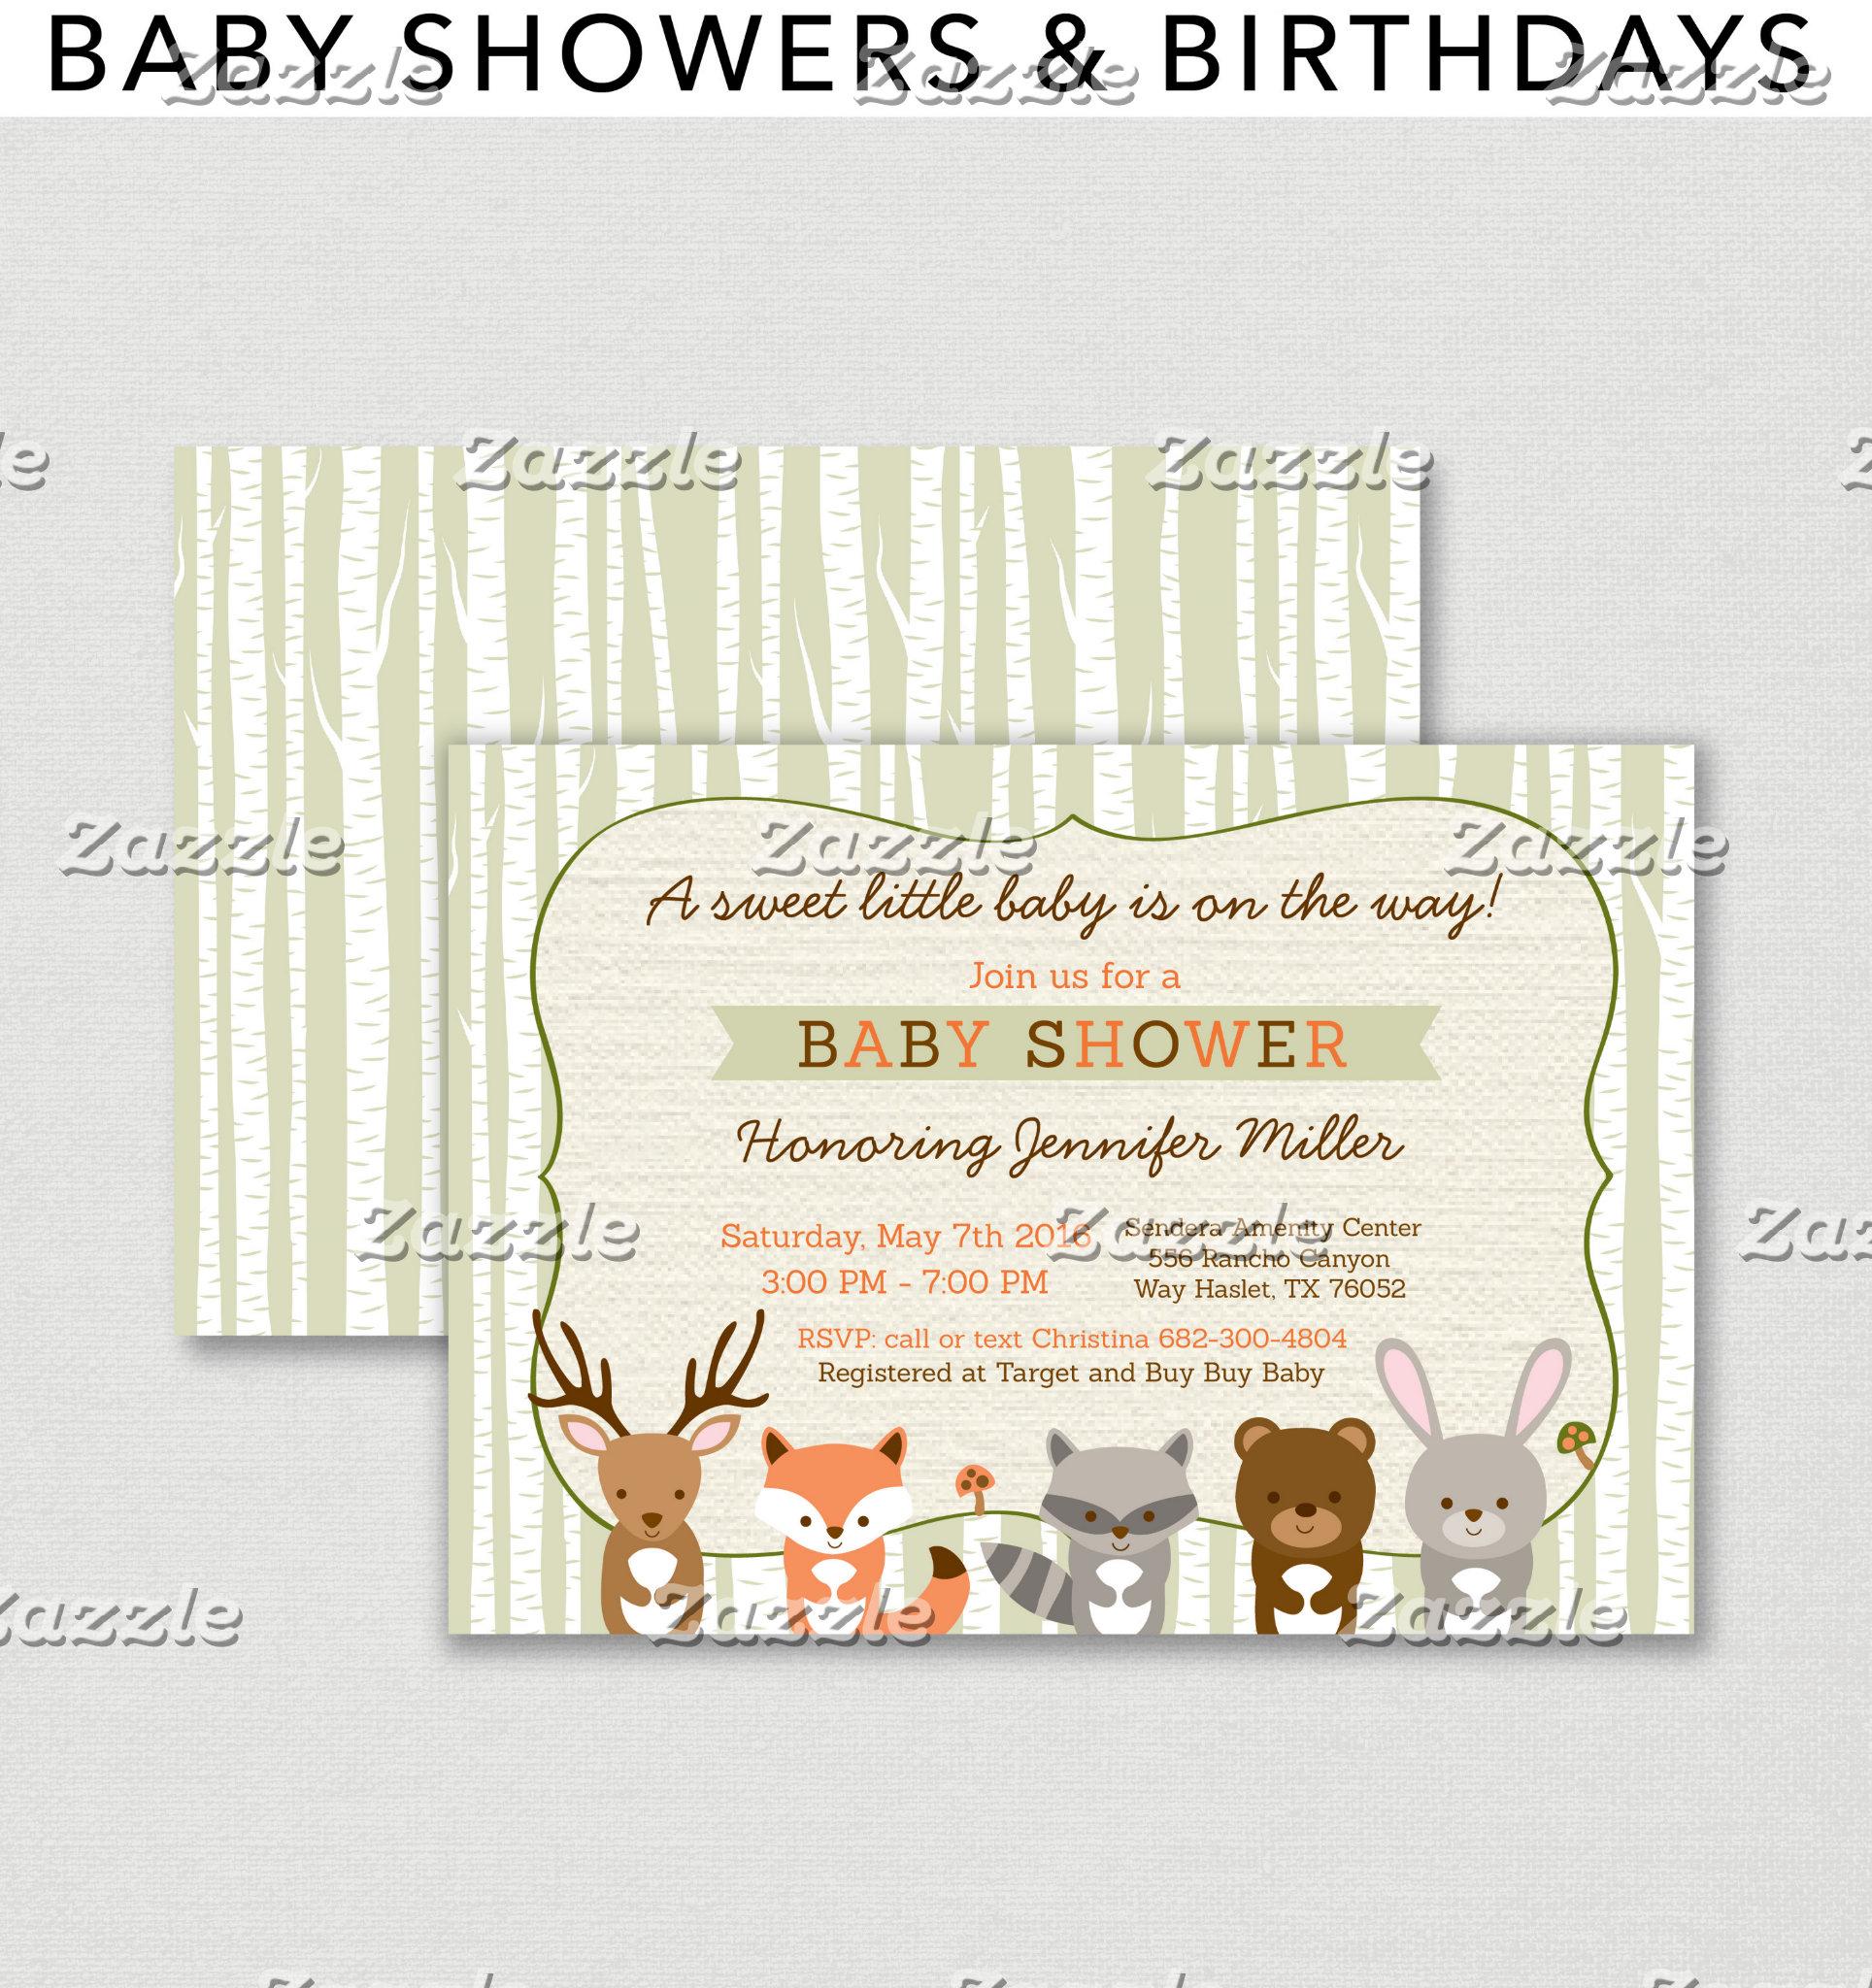 Baby Showers & Birthdays